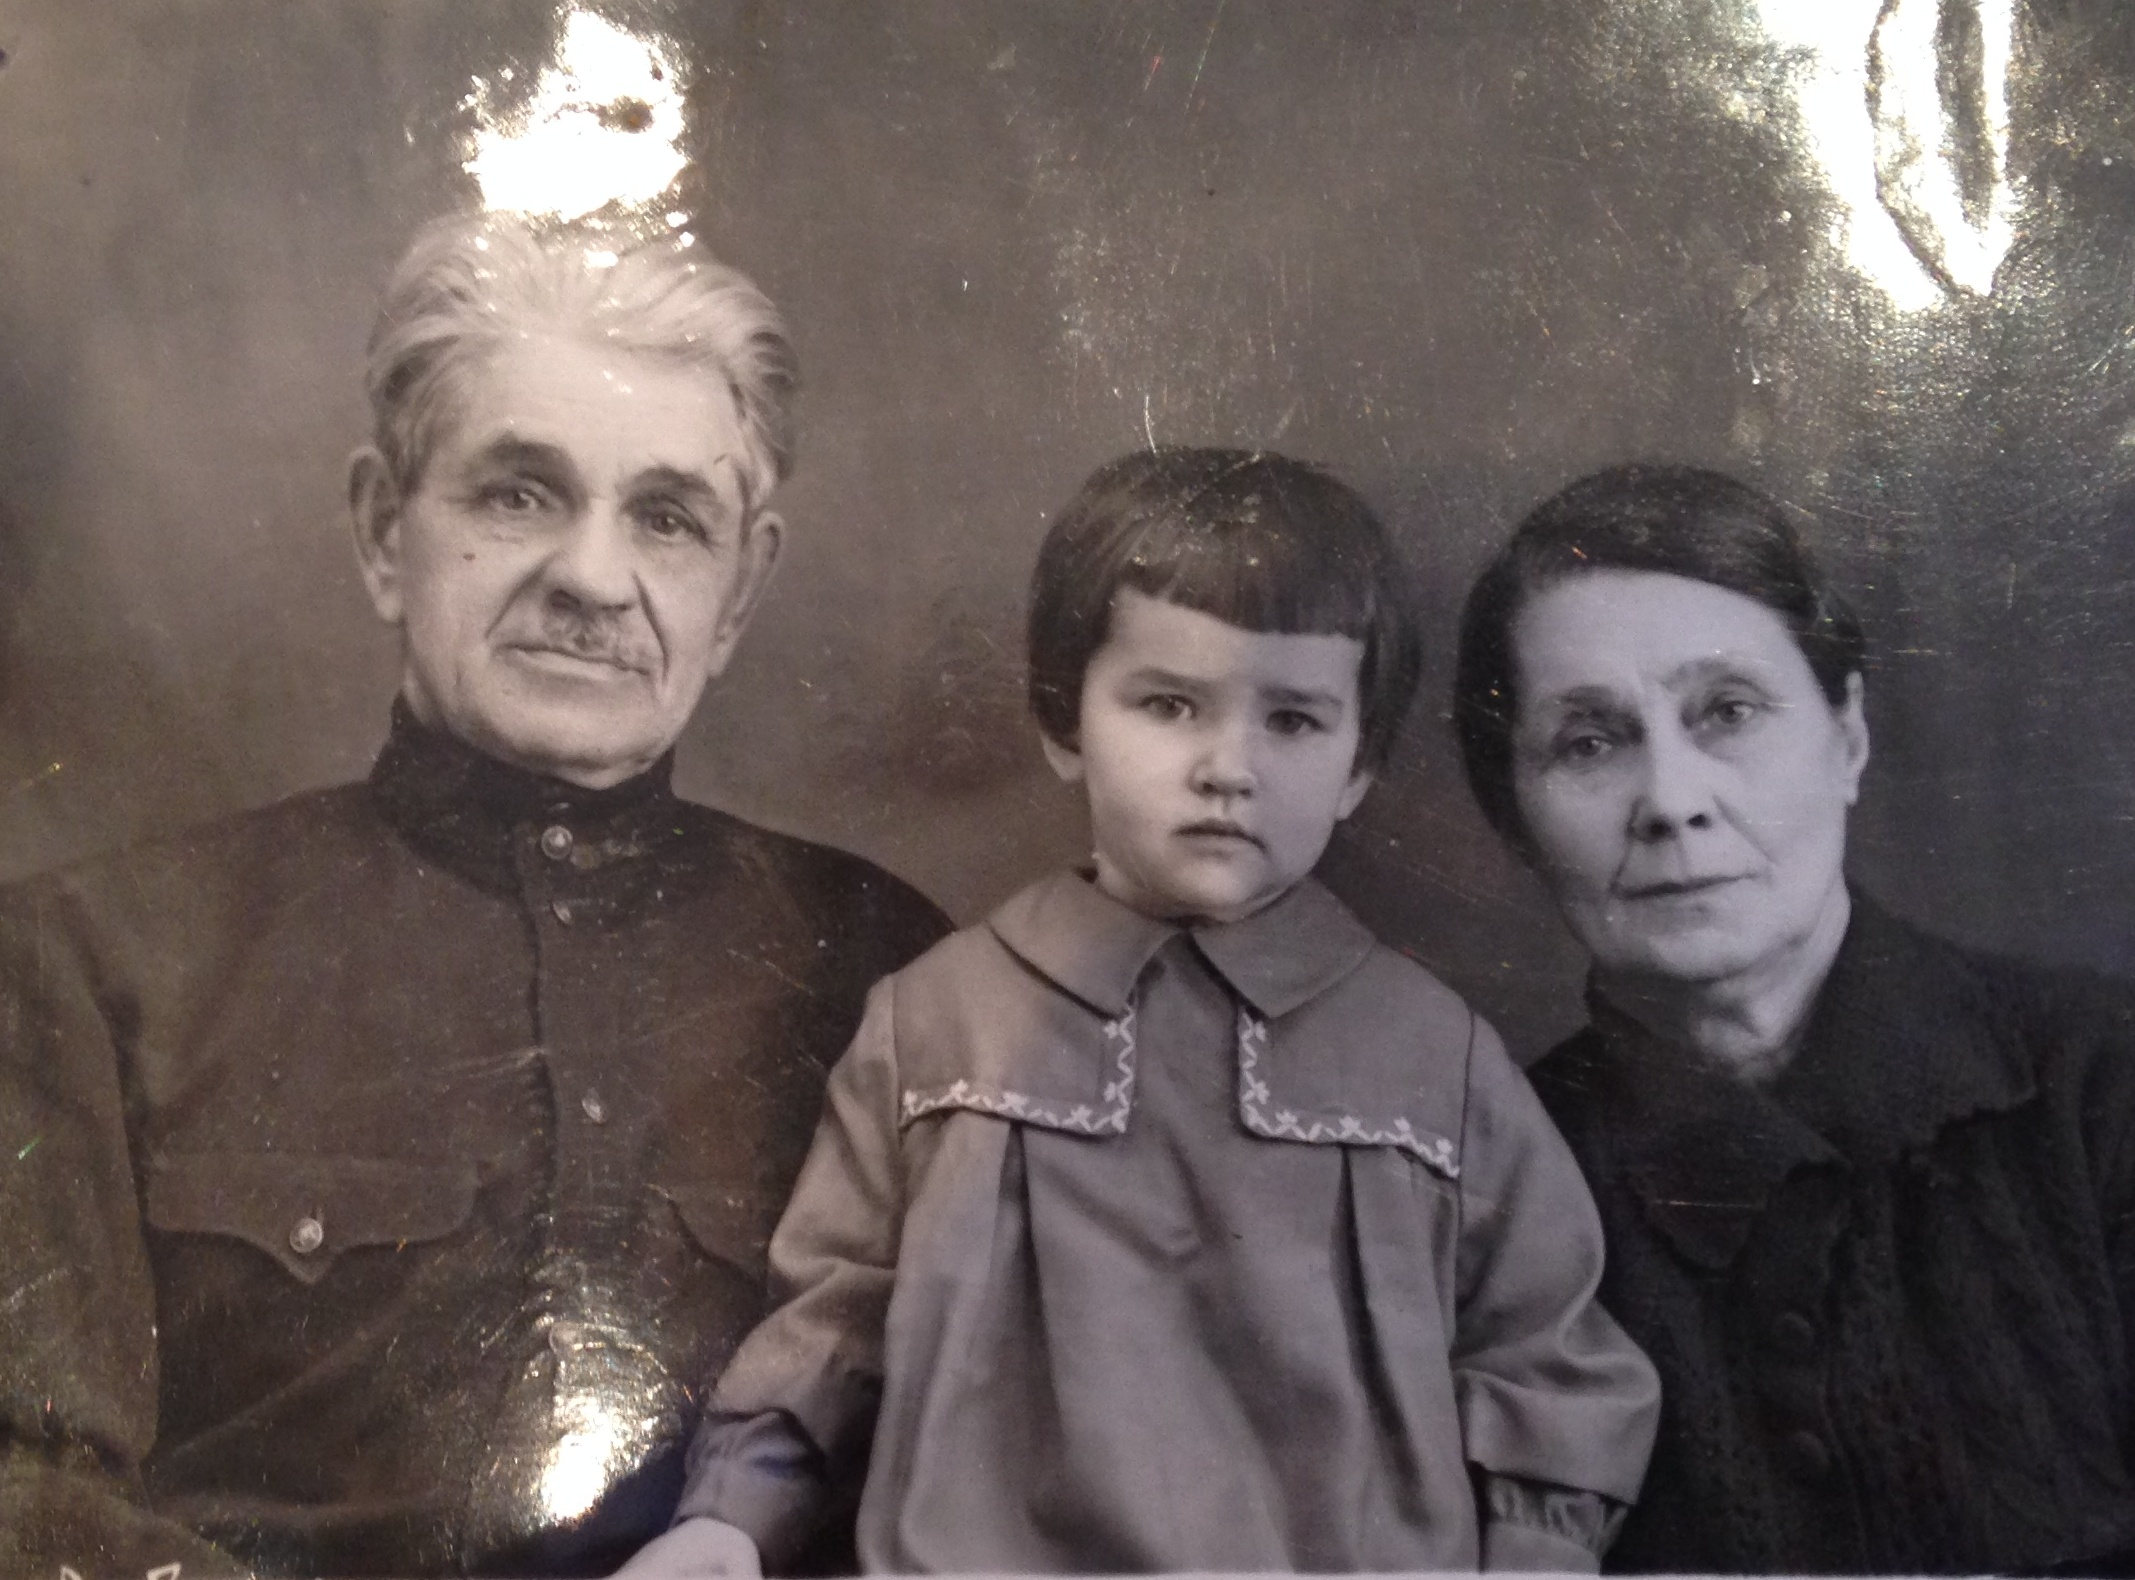 Макаров Василий Александрович, двоюродный брат А.Г.Кадникова по матери, с женой и внучкой. Фото из семейного архива правнучки Е.Ю.Черкасовой.